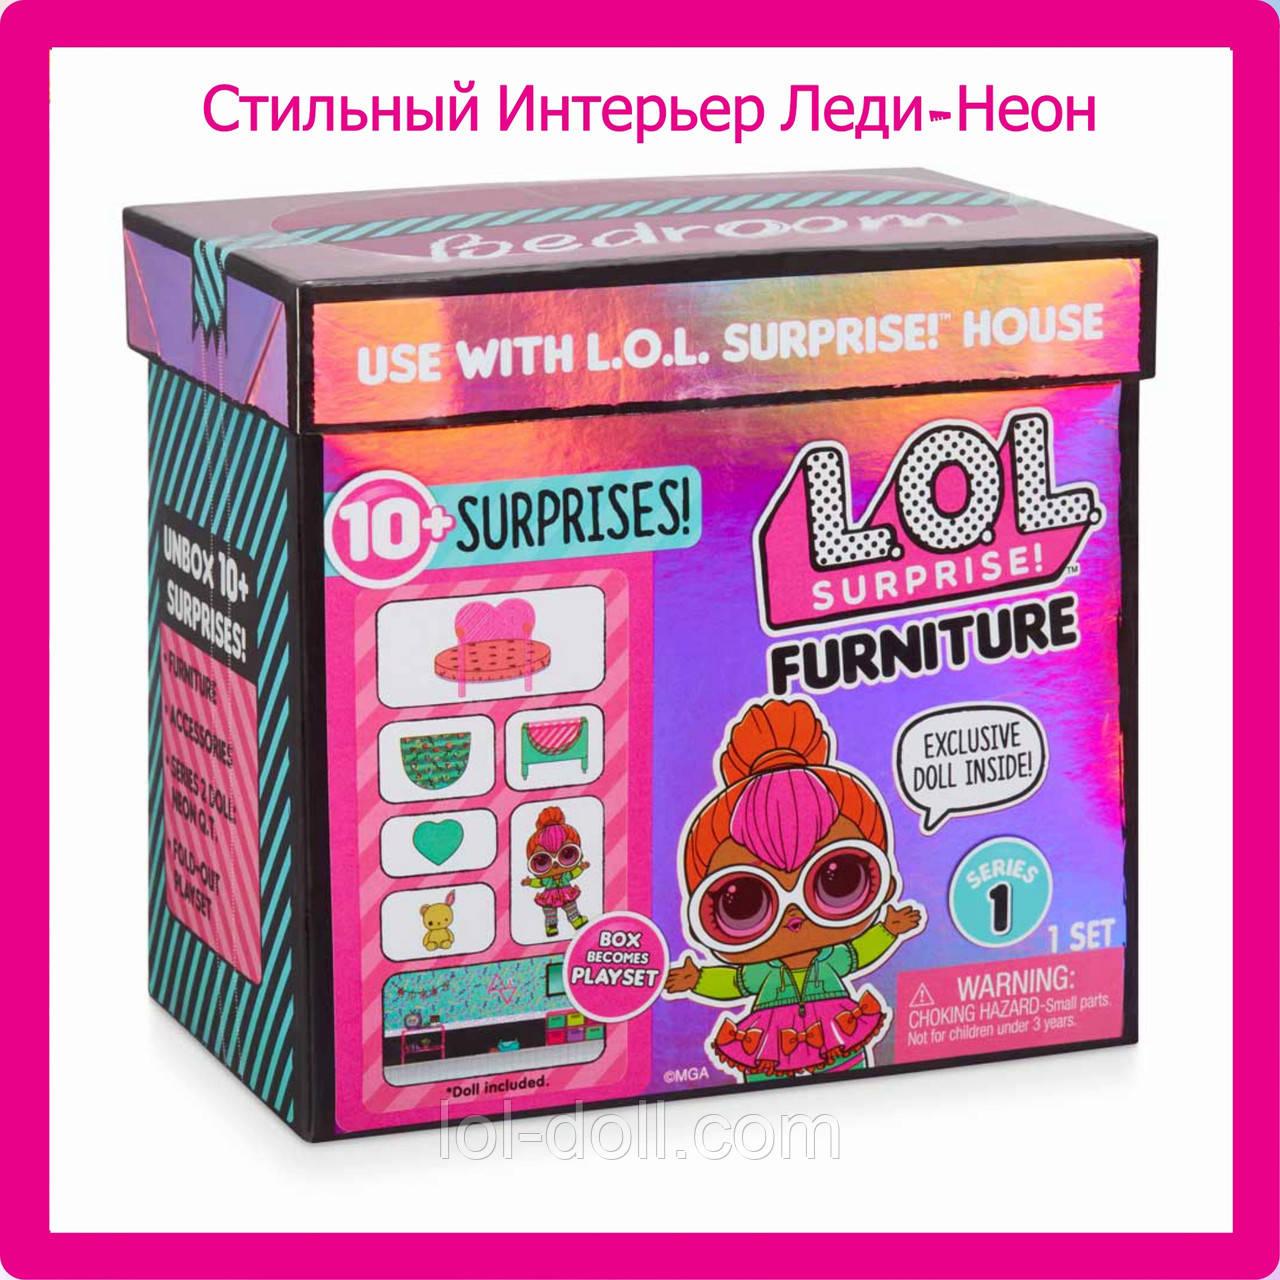 Игровой набор с куклой L.O.L. SURPRISE! - Стильный Интерьер Леди-Неон ЛОЛ